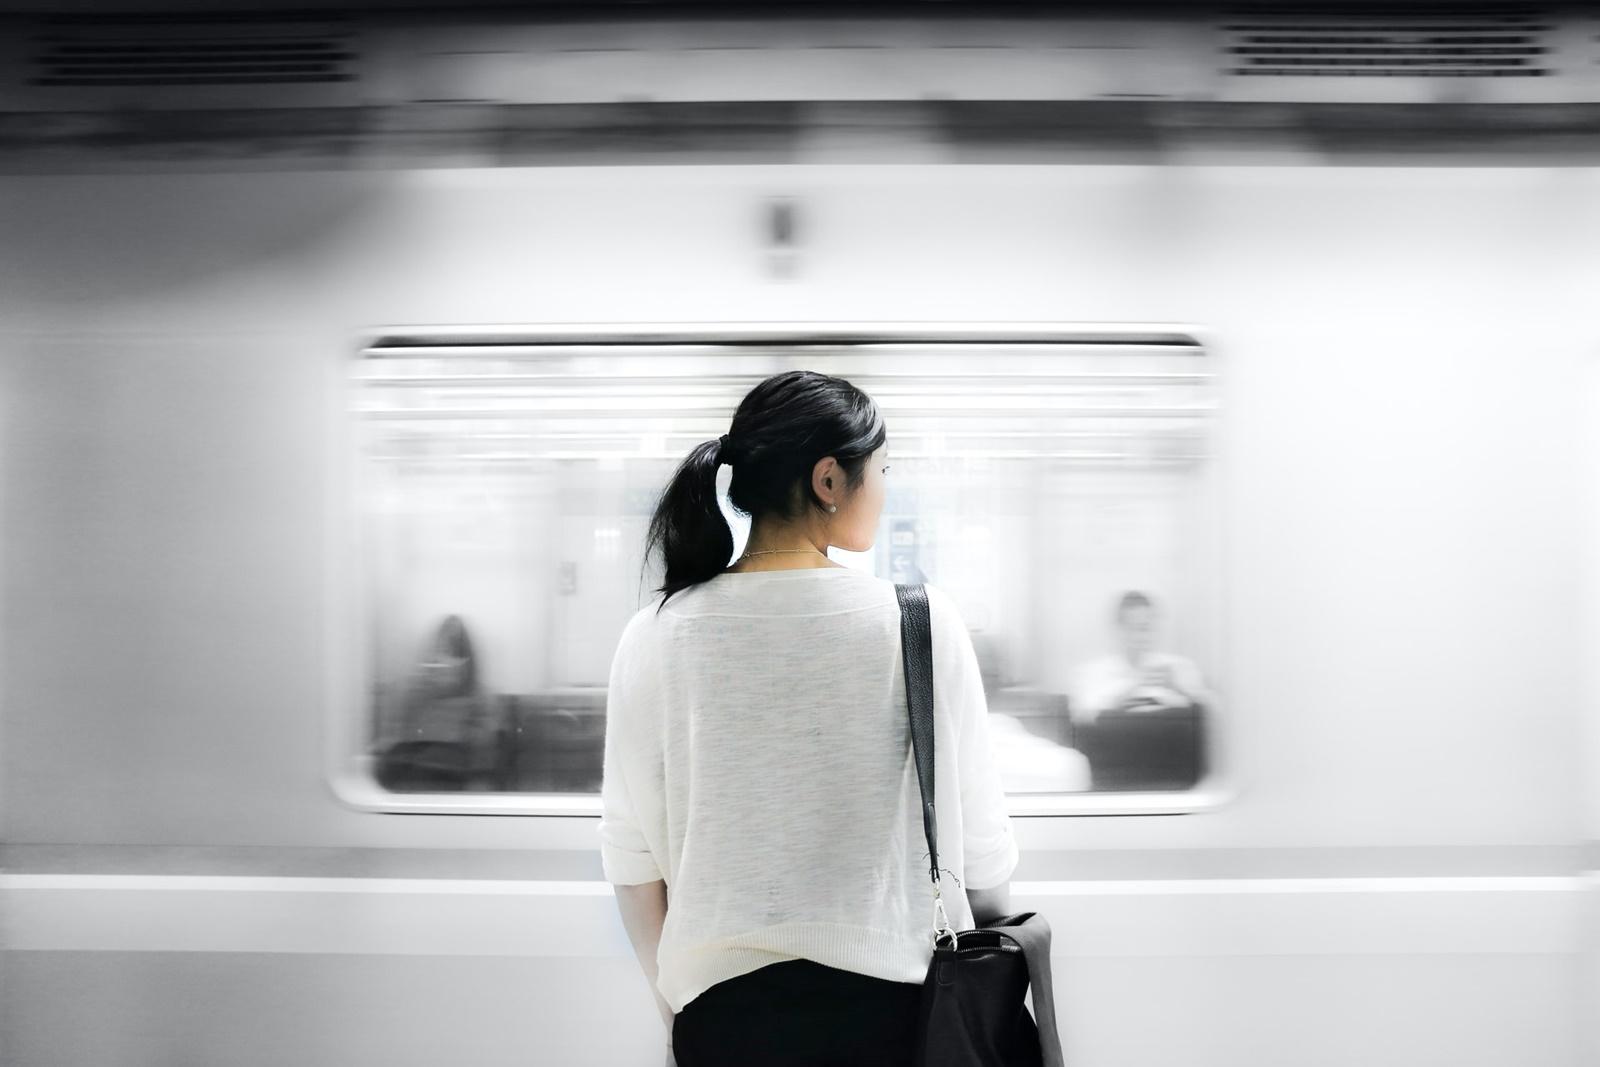 電車での一目惚れを成功に導く王道の7パターン